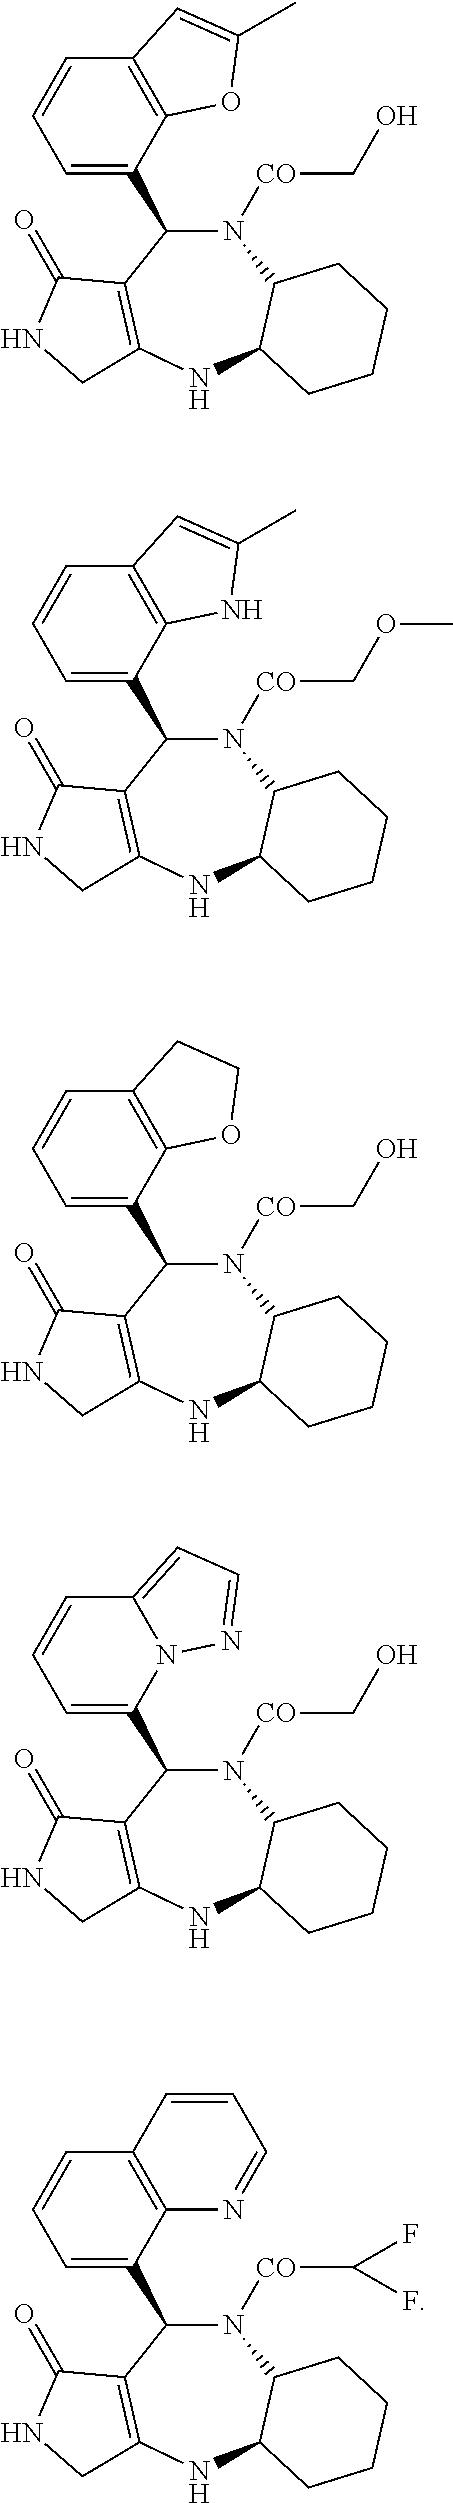 Figure US09962344-20180508-C00172